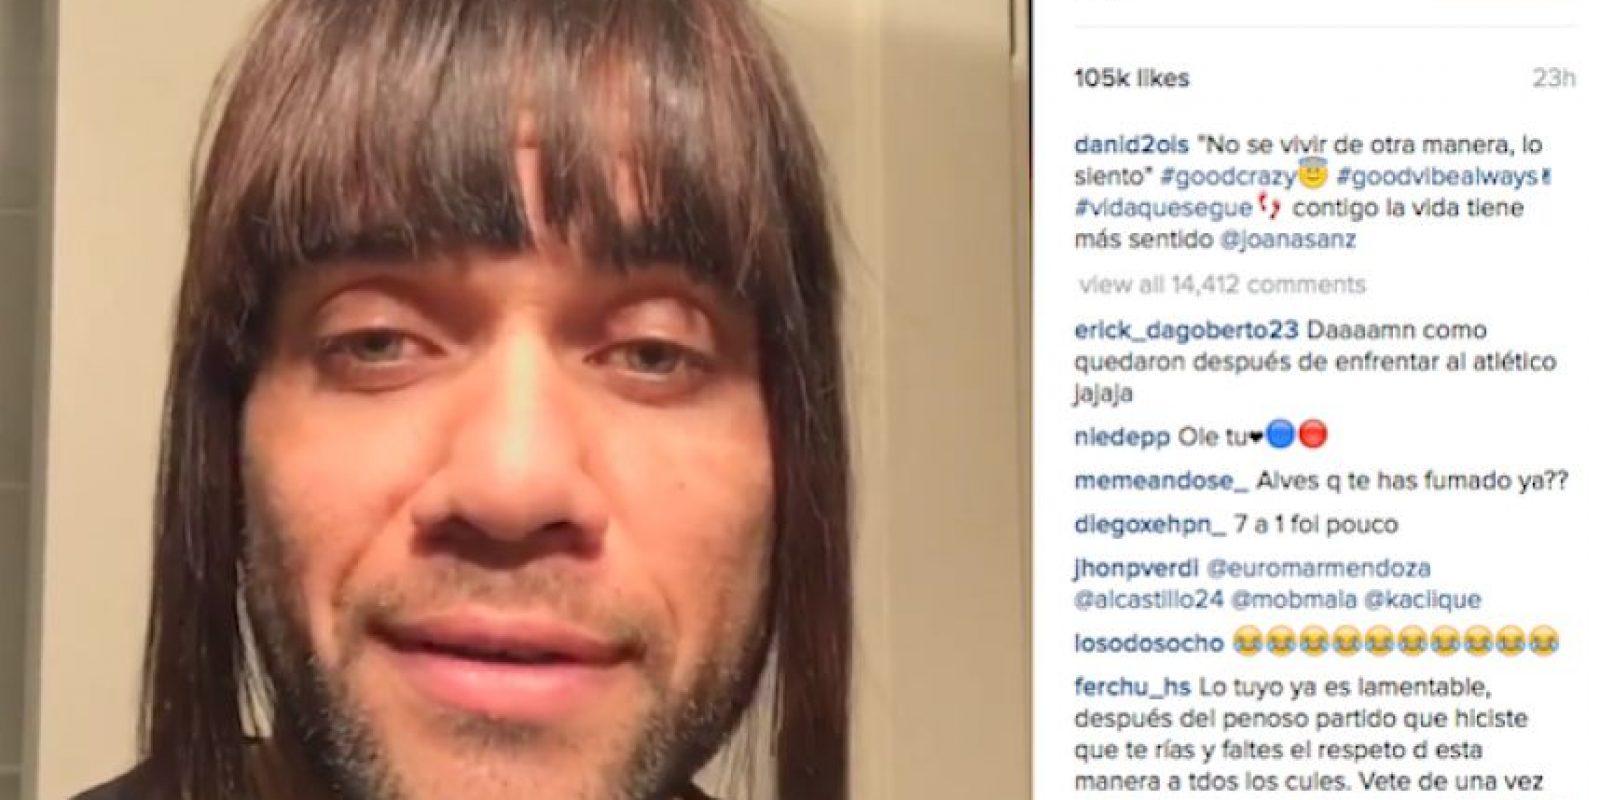 El brasileño compartió un mensaje dirigido a sus compañeros de equipo. Foto:Instagram: @danid2ois